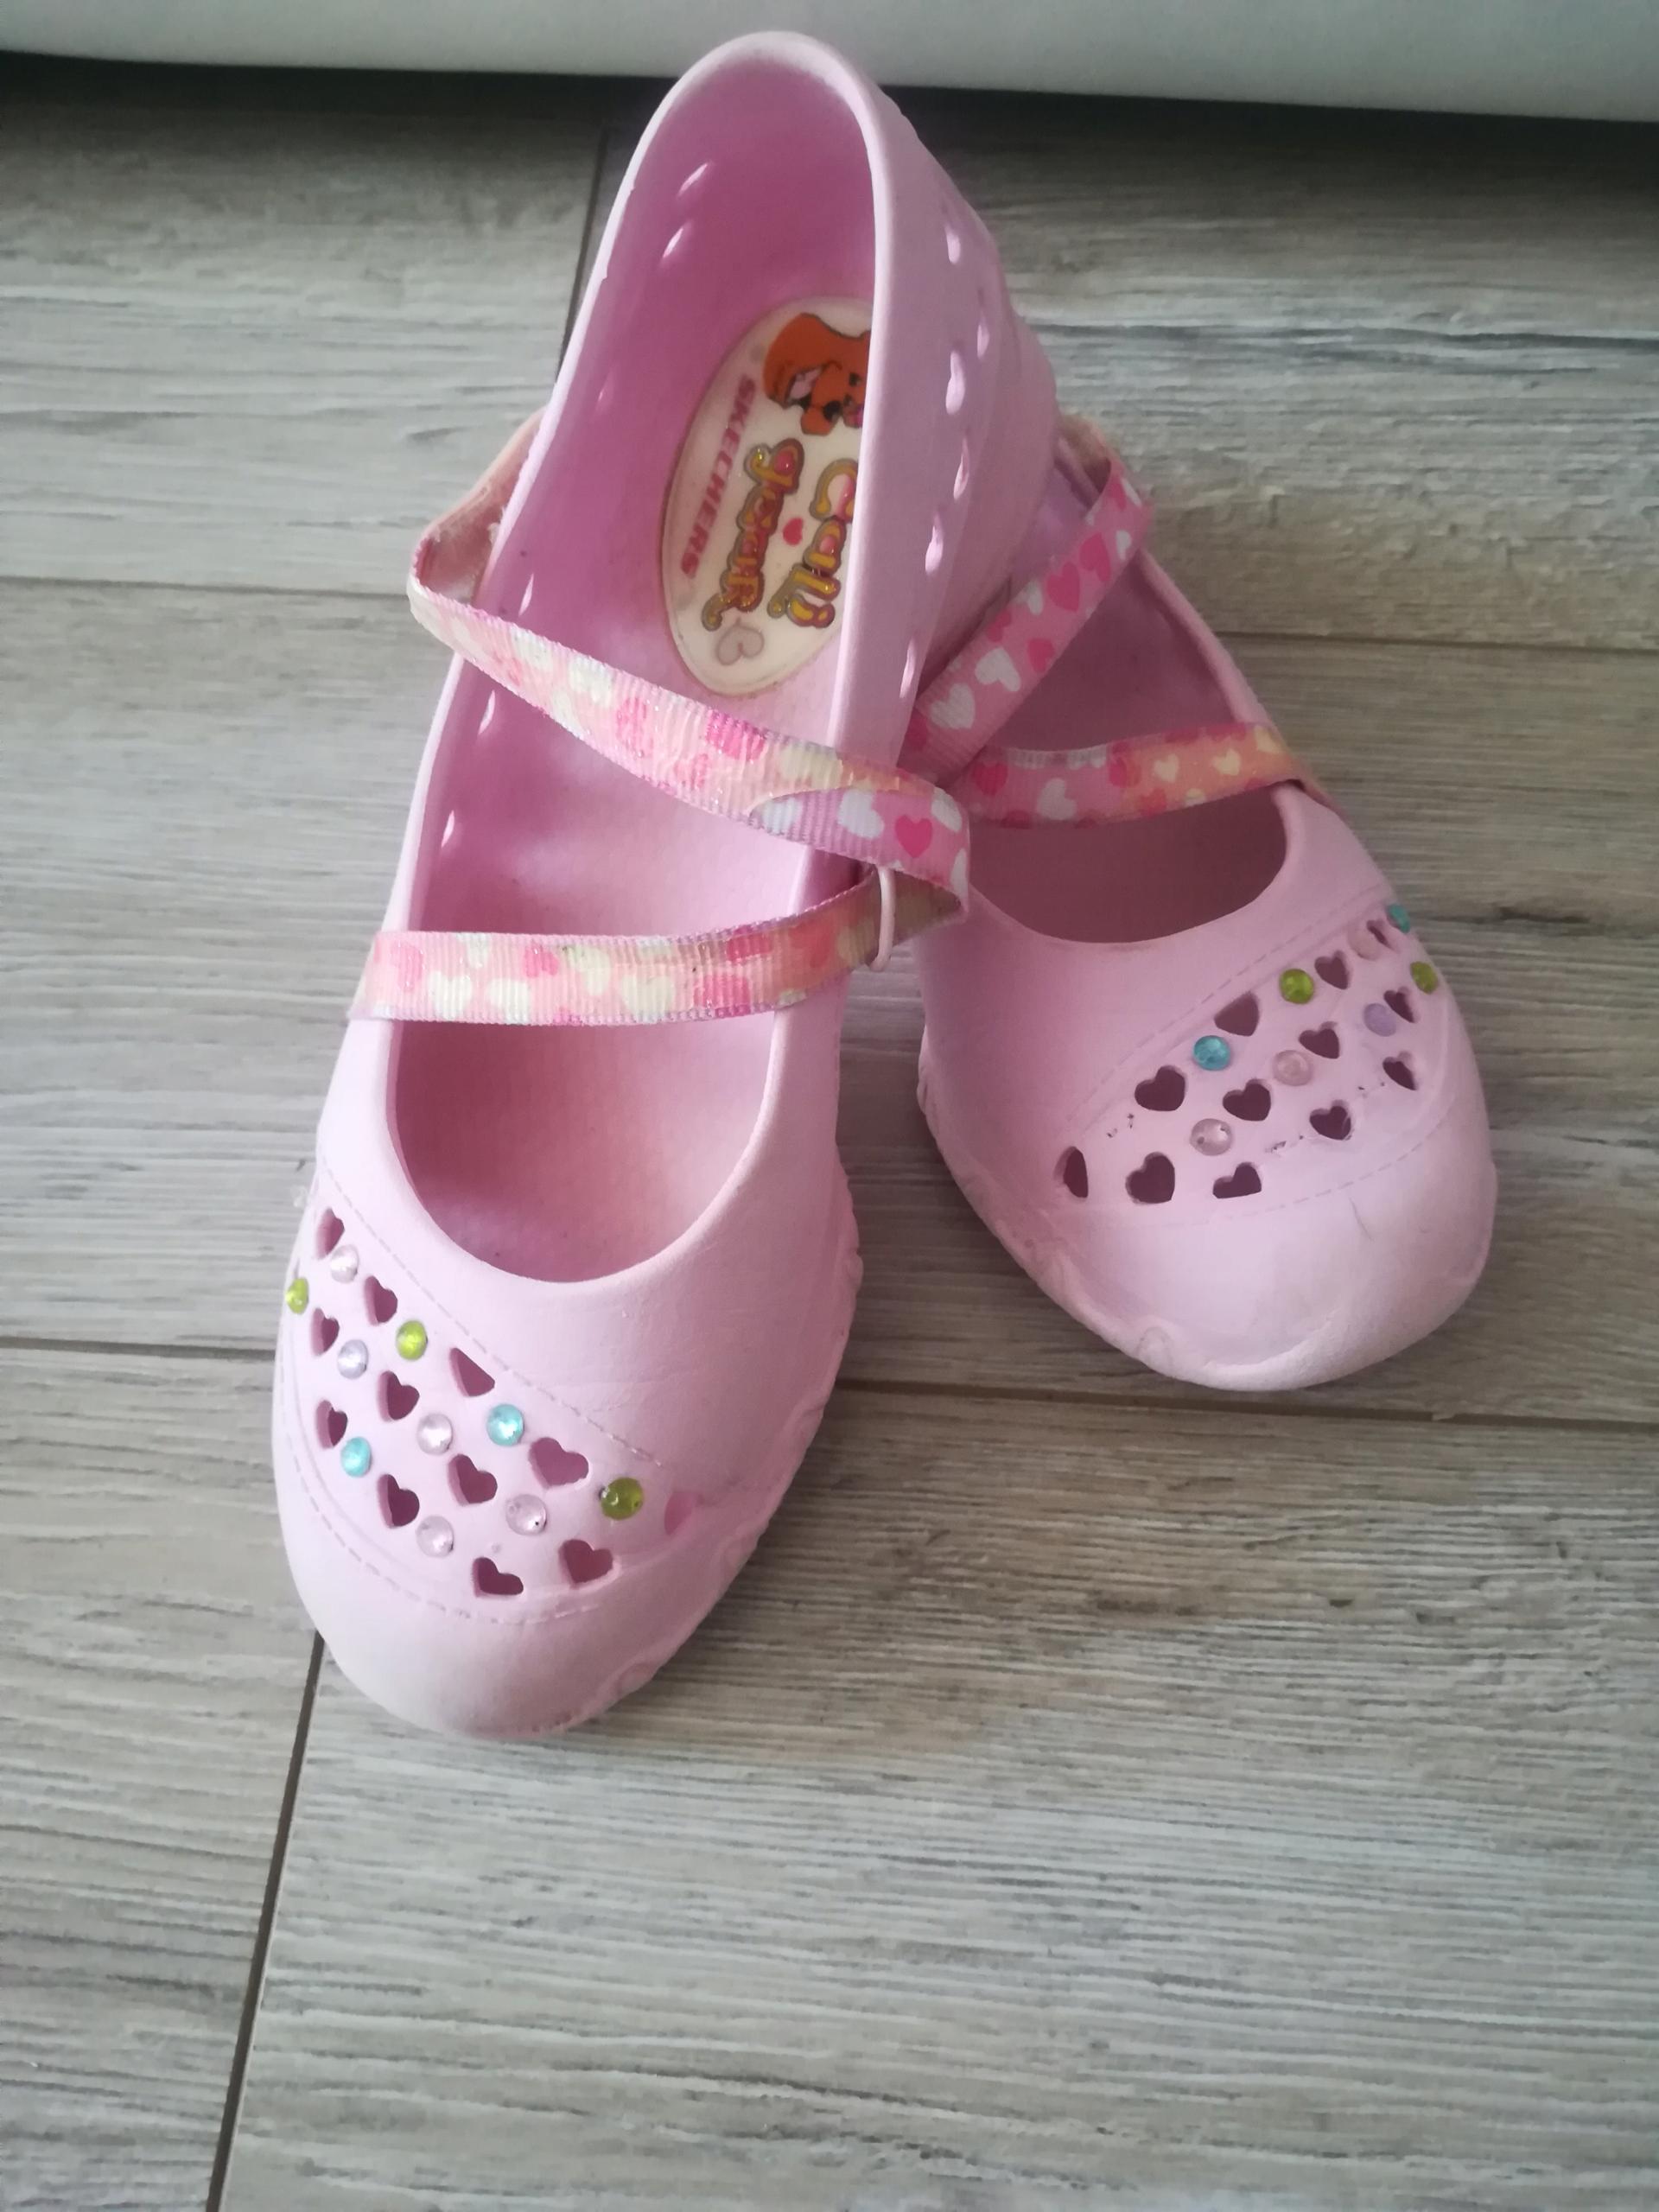 SKECHERS 1 rózowe balerinki buty do wody lato 32